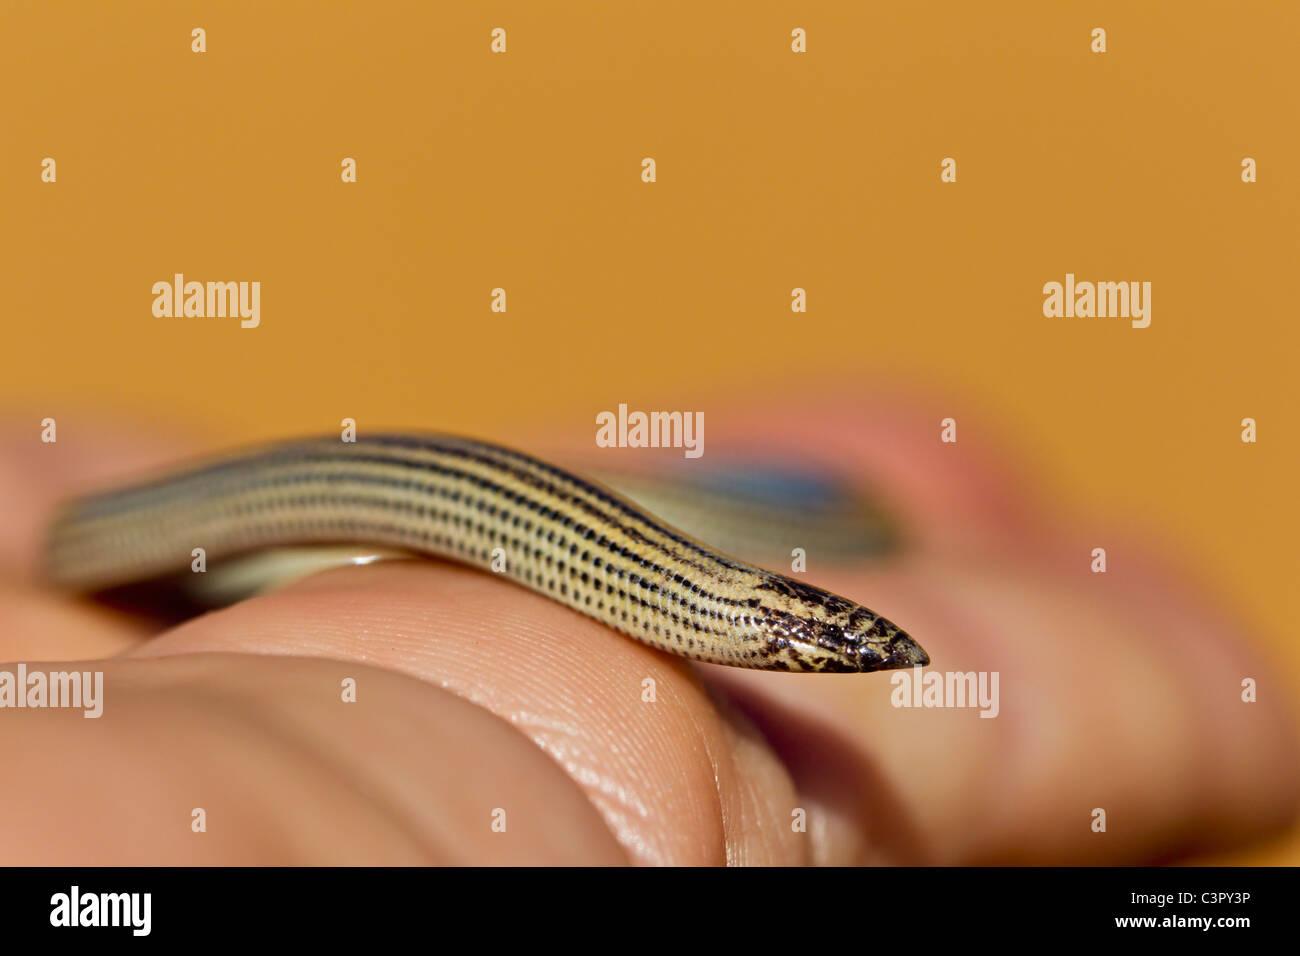 África, Namibia, Legless lizard en mano humana Imagen De Stock